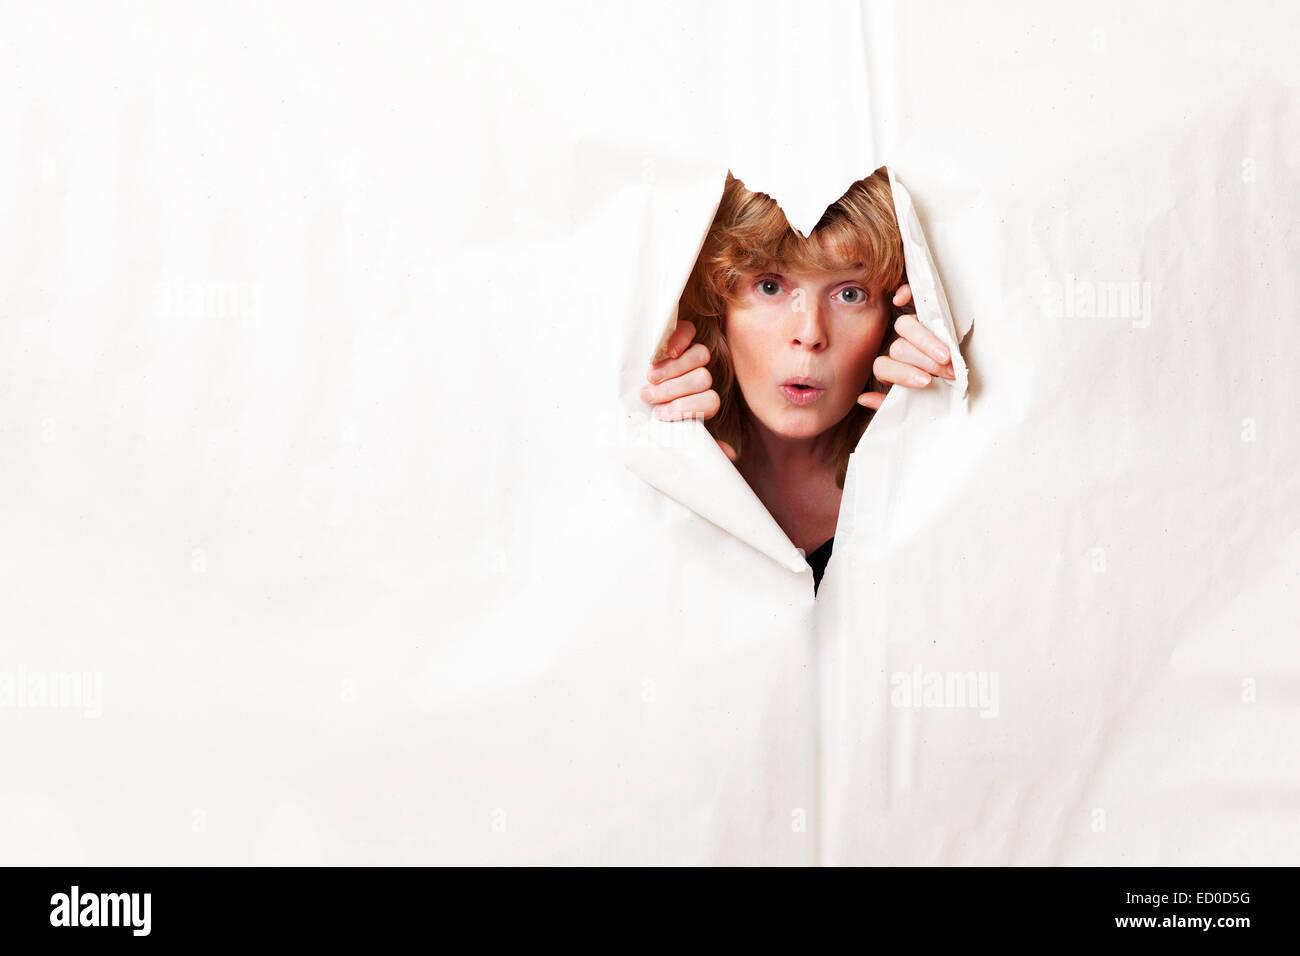 Donna che guarda attraverso la carta strappata Immagini Stock